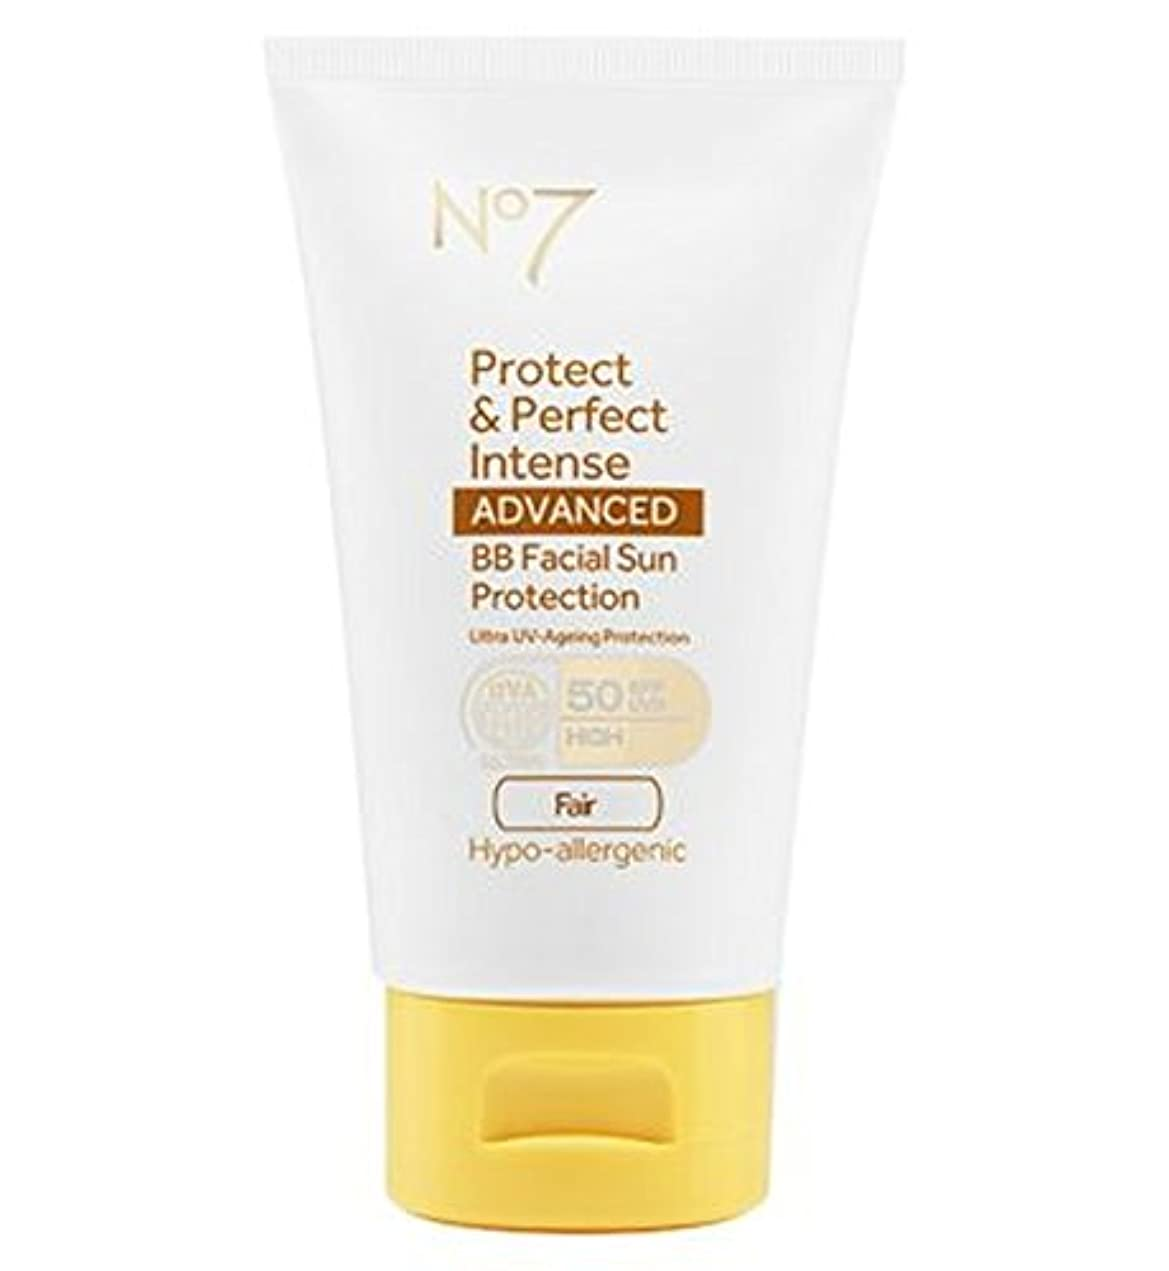 感染する生じるしわNo7 Protect & Perfect Intense ADVANCED BB Facial Sun Protection SPF50 Fair 50ml - No7保護&完璧な強烈な先進Bb顔の日焼け防止Spf50...